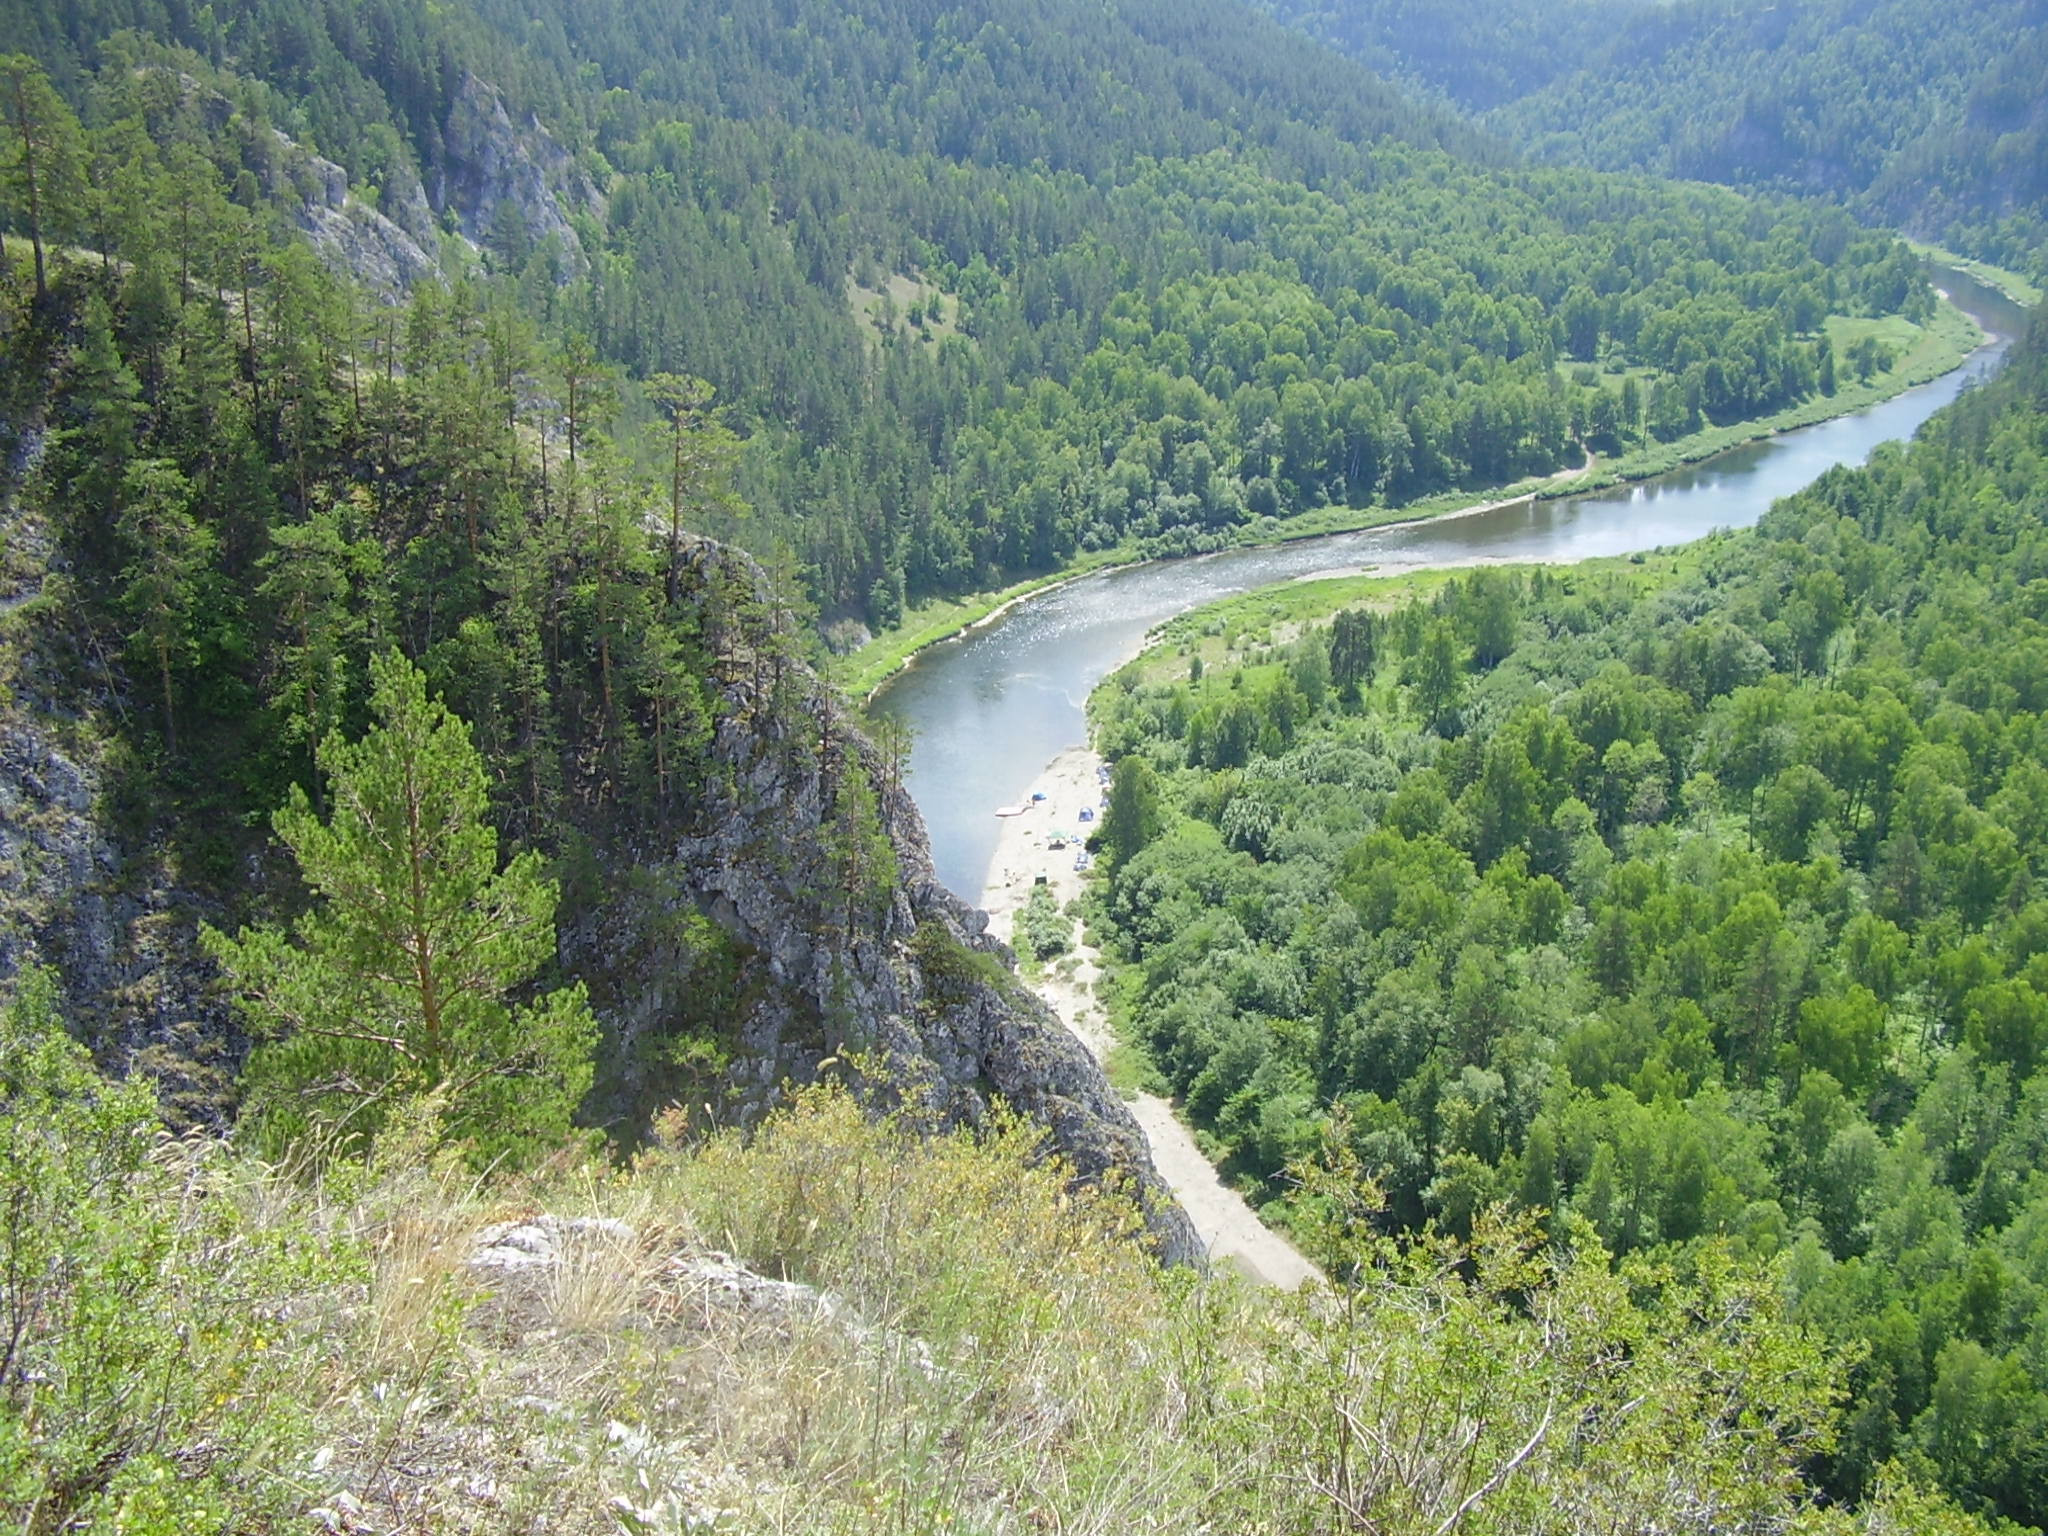 Вгорных реках натерритории Башкортостана безумно поднялся уровень воды